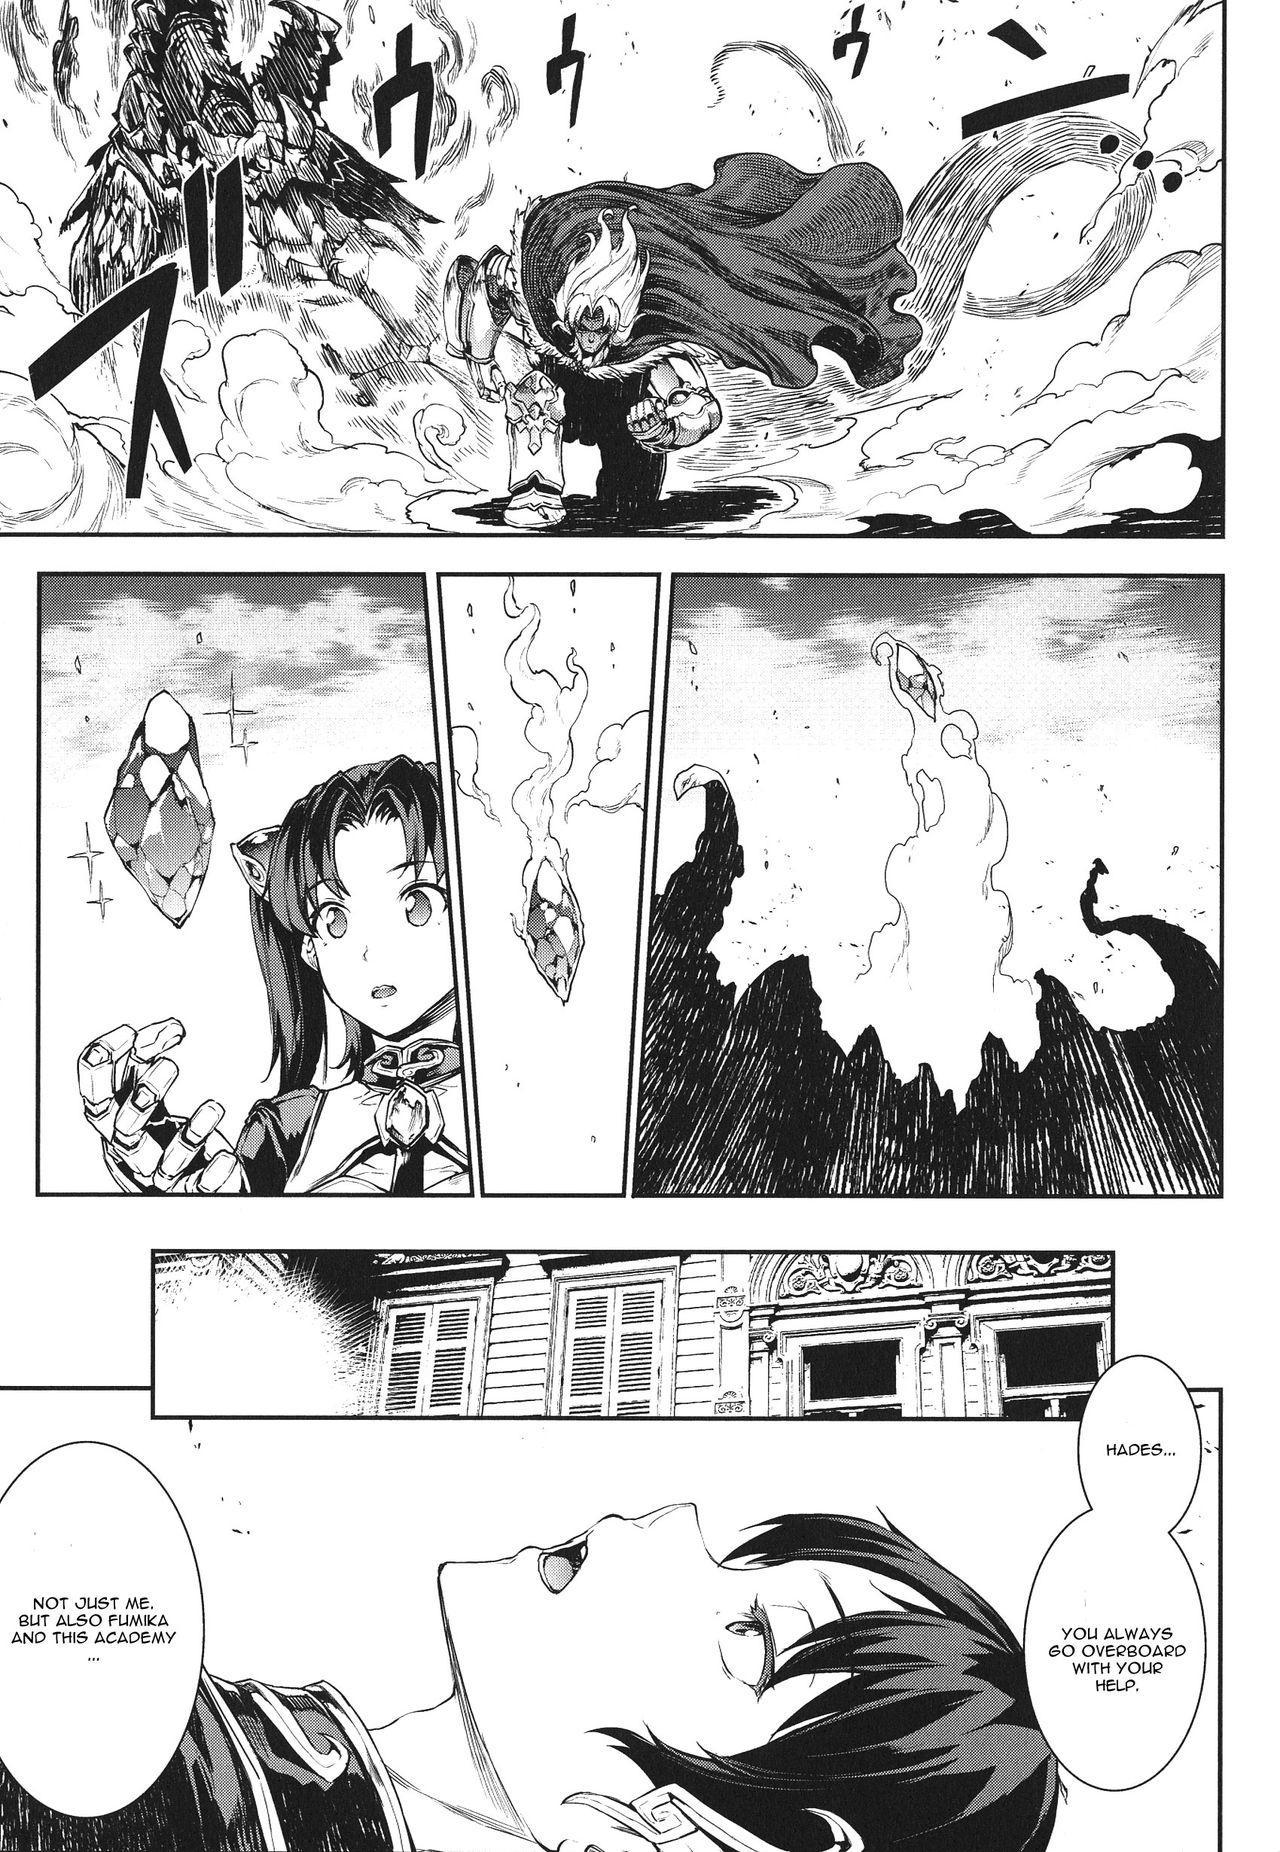 [Erect Sawaru] Raikou Shinki Igis Magia -PANDRA saga 3rd ignition- Ch. 1-6 [English] [CGrascal] 61